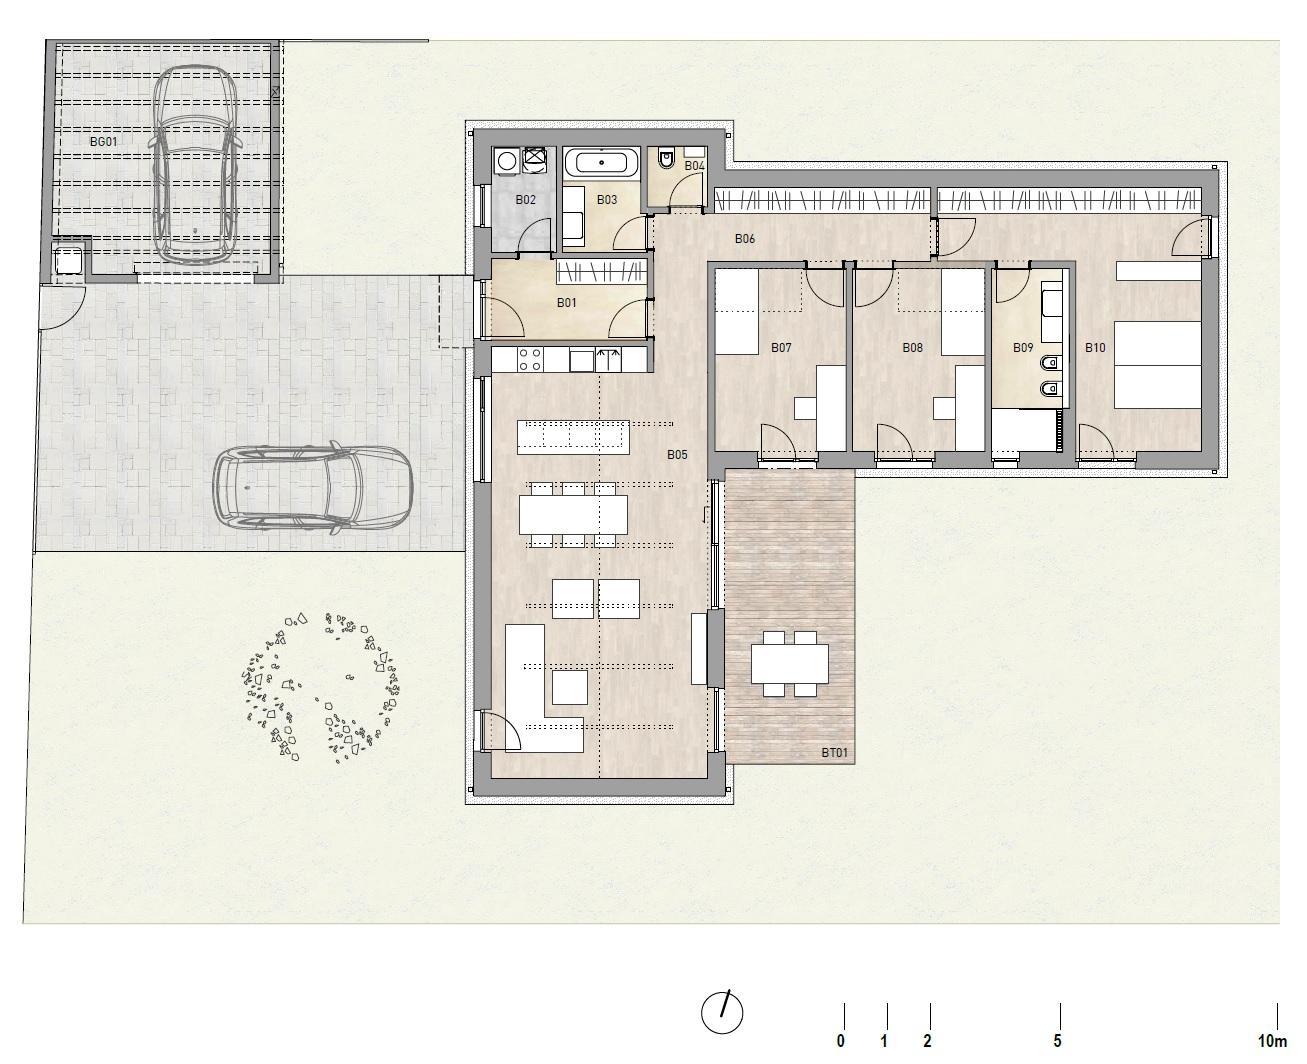 Nové bydlení ve městě - původní půdorys domu bude otočen na západ a upraven